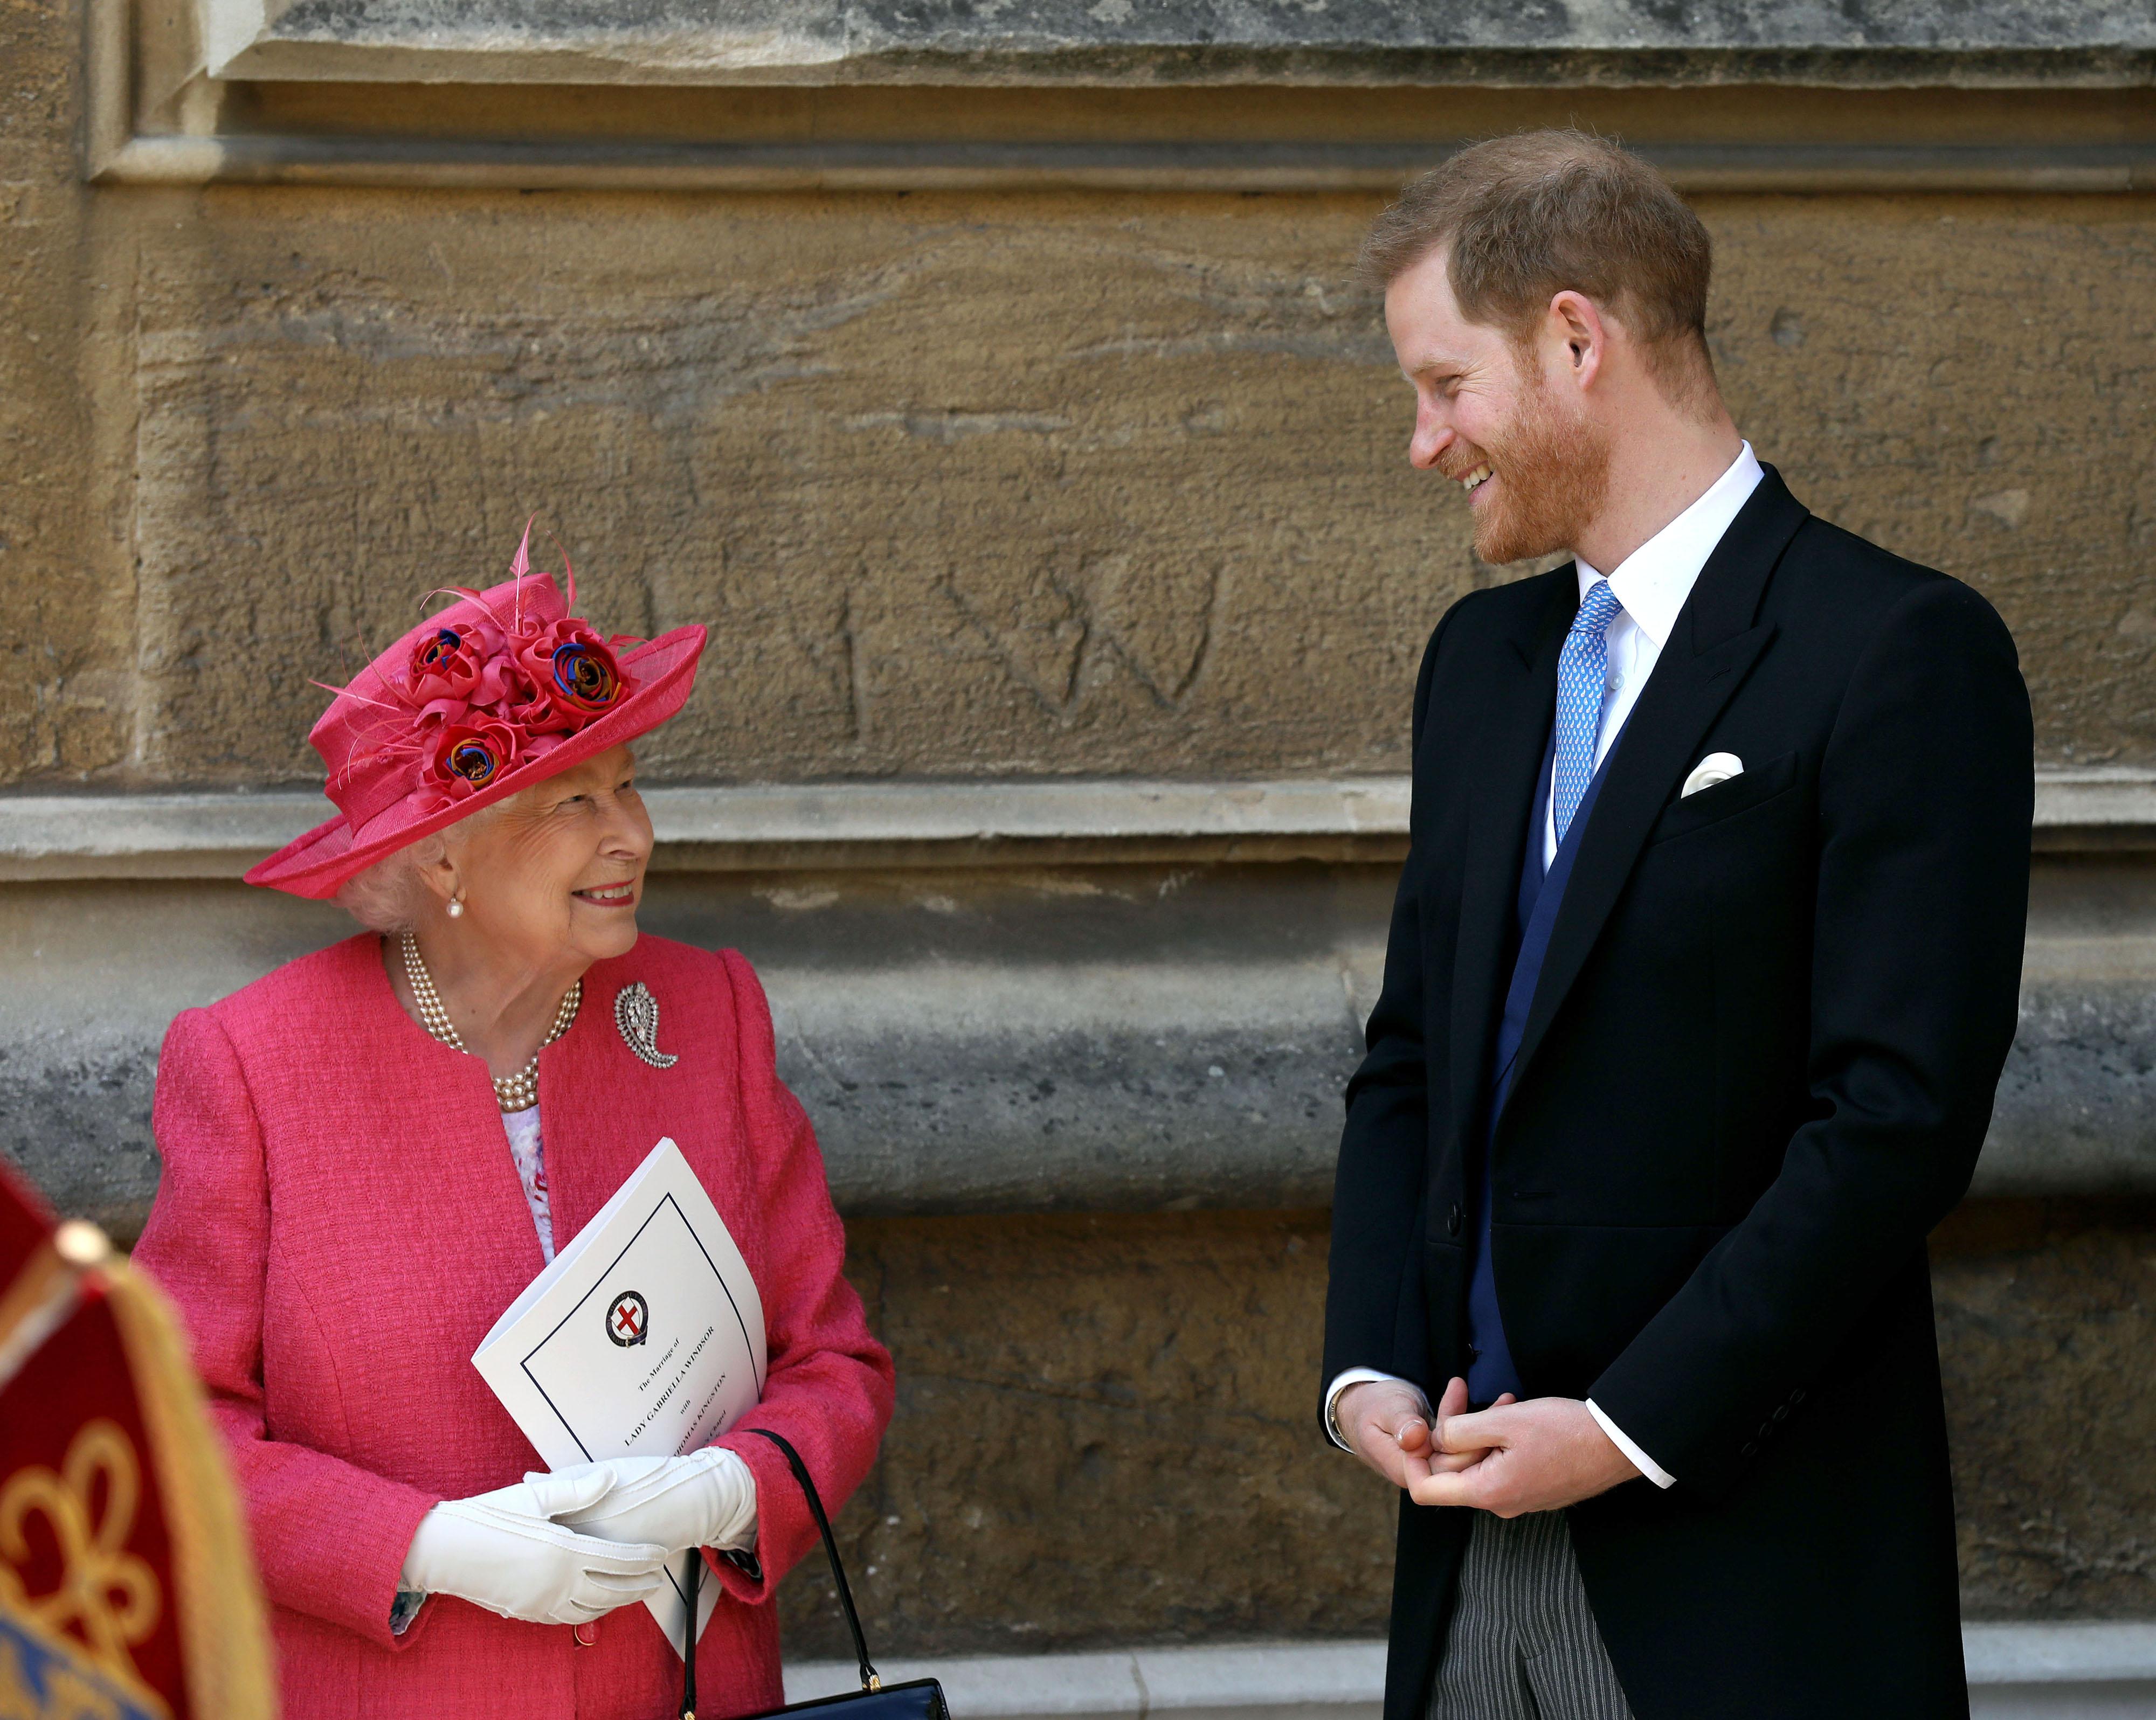 エリザベス女王とヘンリー王子【写真:Getty Images】